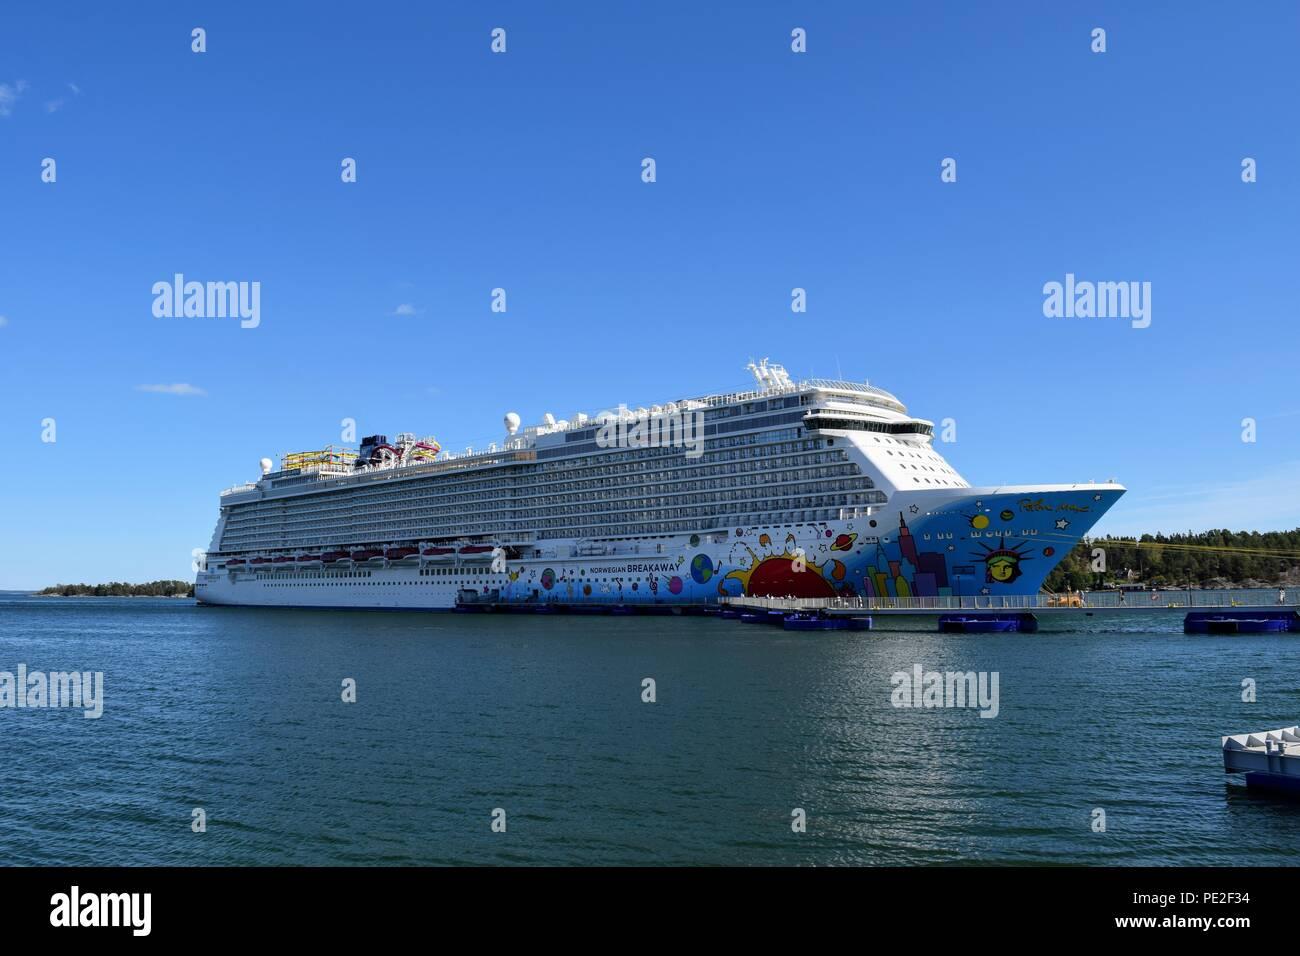 Norwegian Breakaway docked in Nynäshamn, Sweden - Stock Image